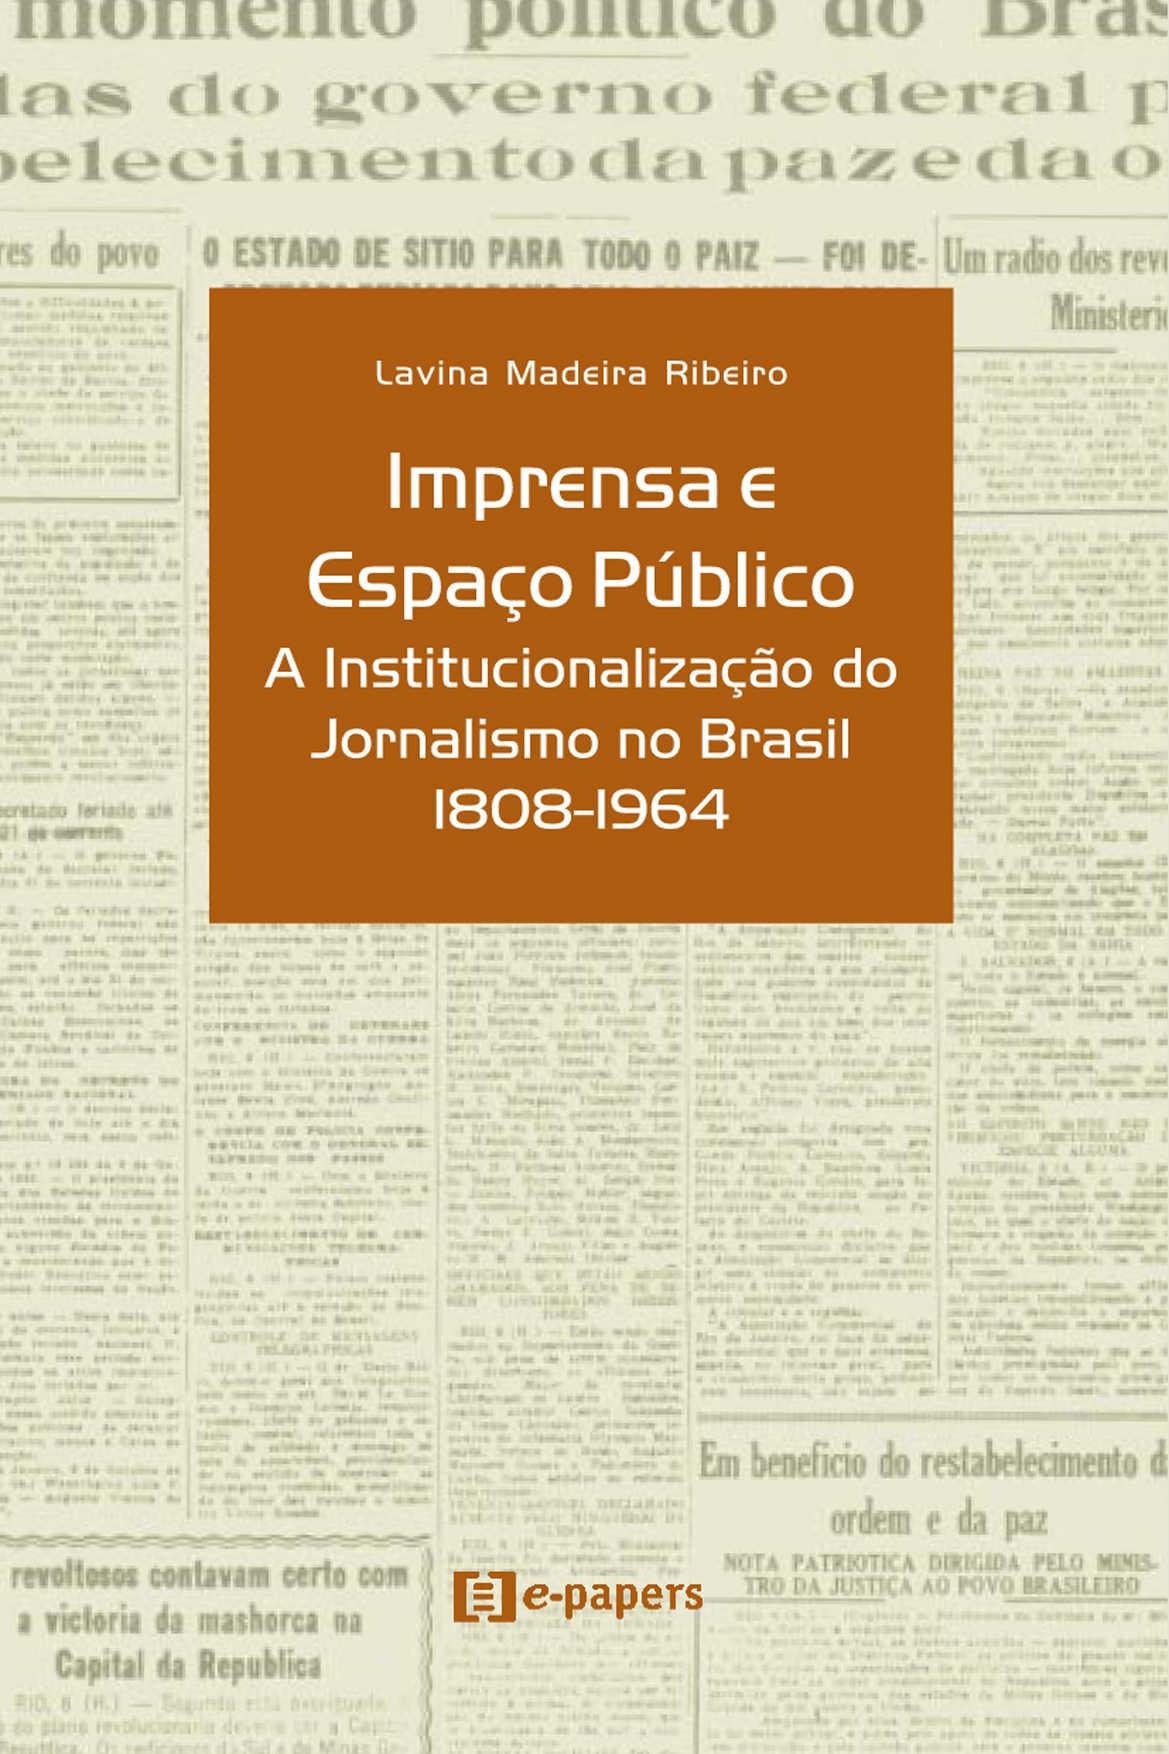 Imprensa e Espaço Público: A Institucionalização do Jornalismo no Brasil (1808-1964)